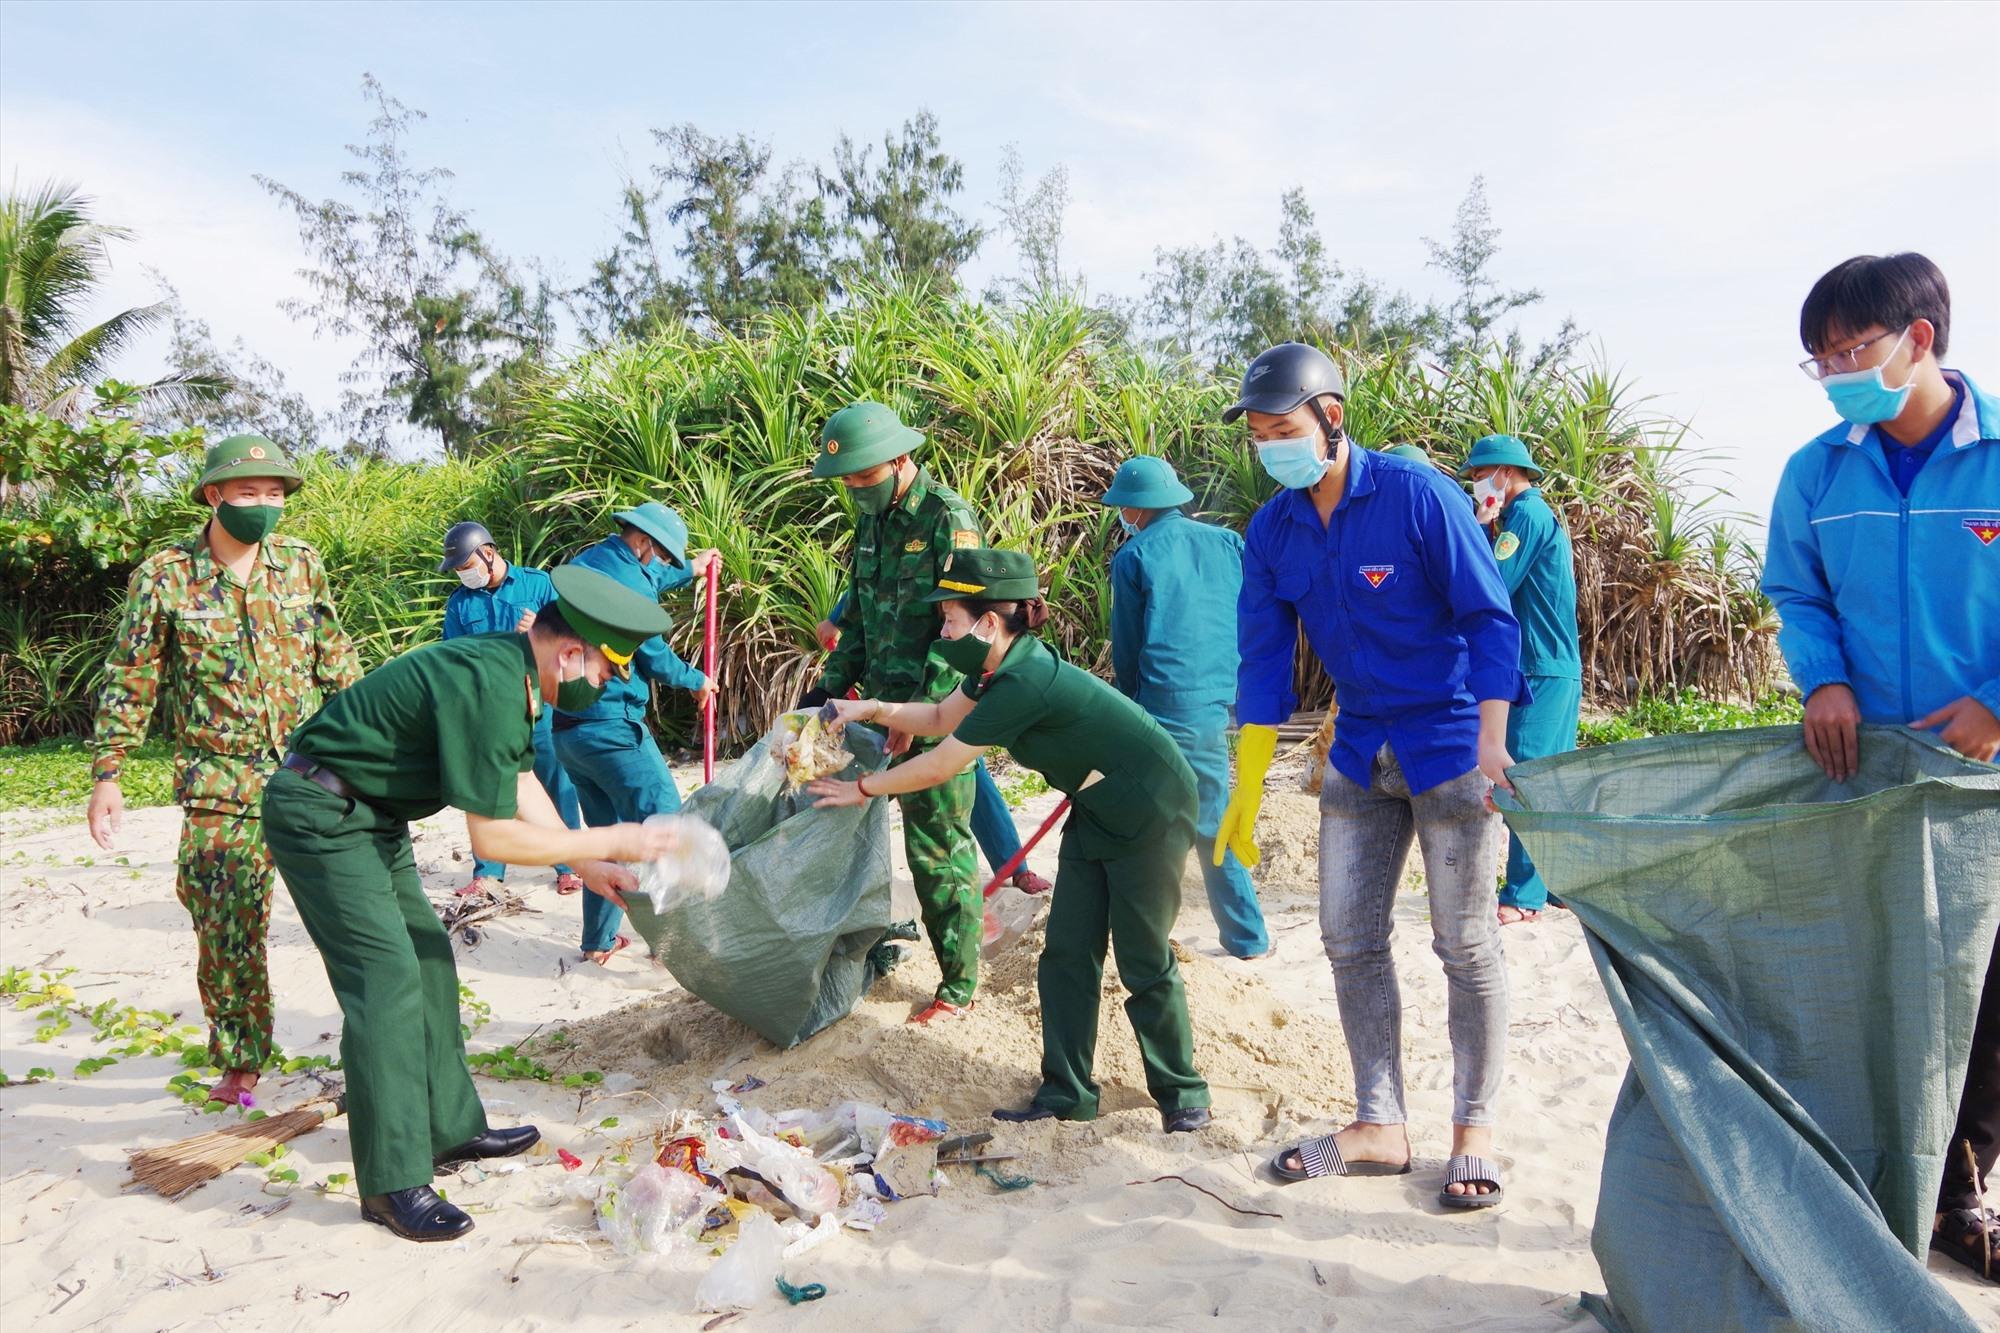 Đoàn viên thanh niên thu gom và xử lý rác thải tại bãi biển Bình Minh.